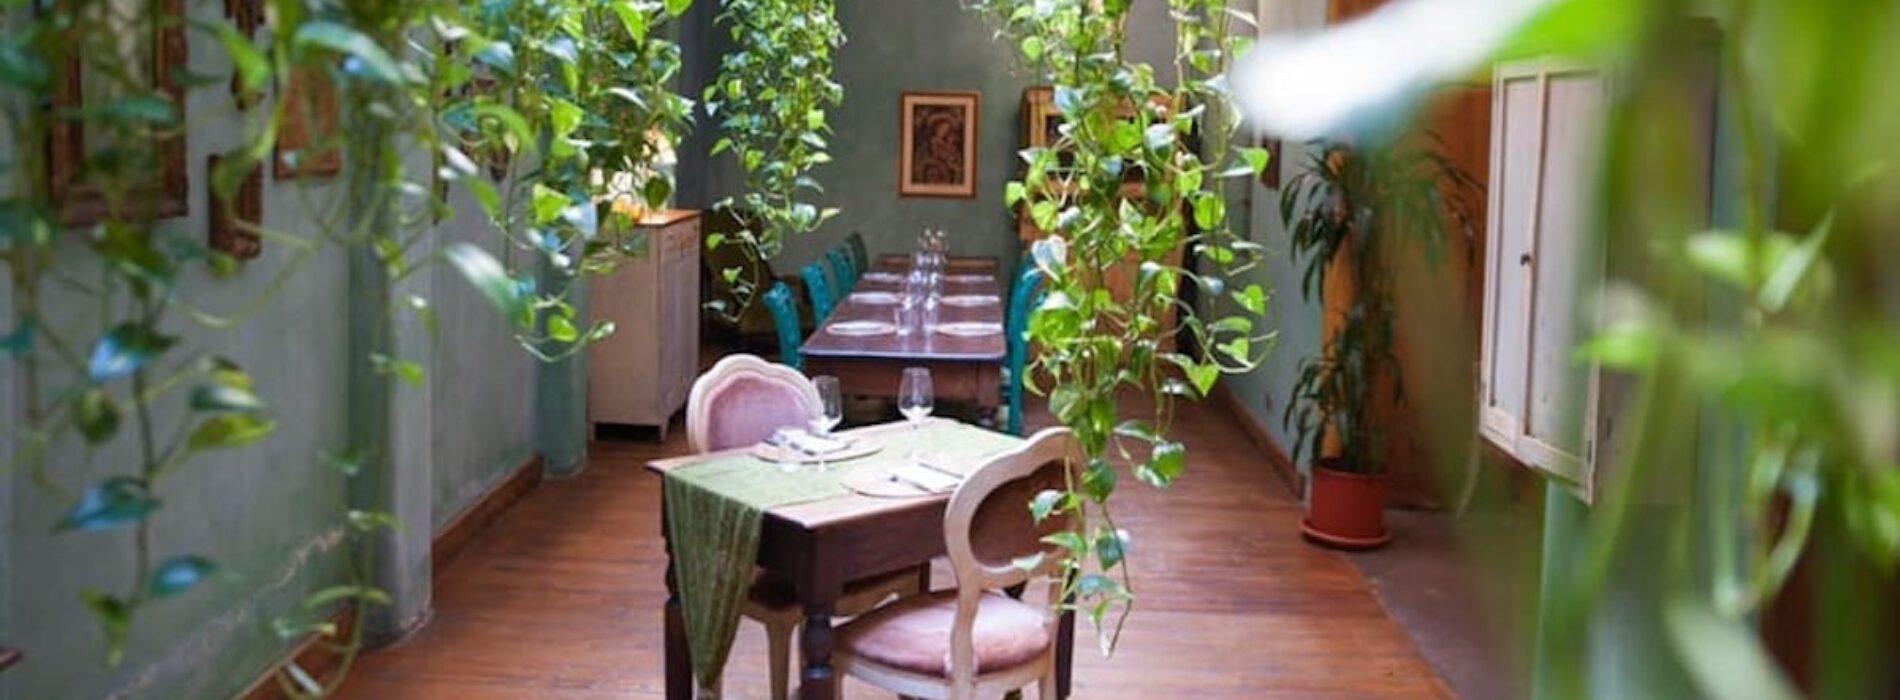 Dove mangiare all'Esquilino: tour gastronomico tra botteghe, mercati rionali e ristoranti